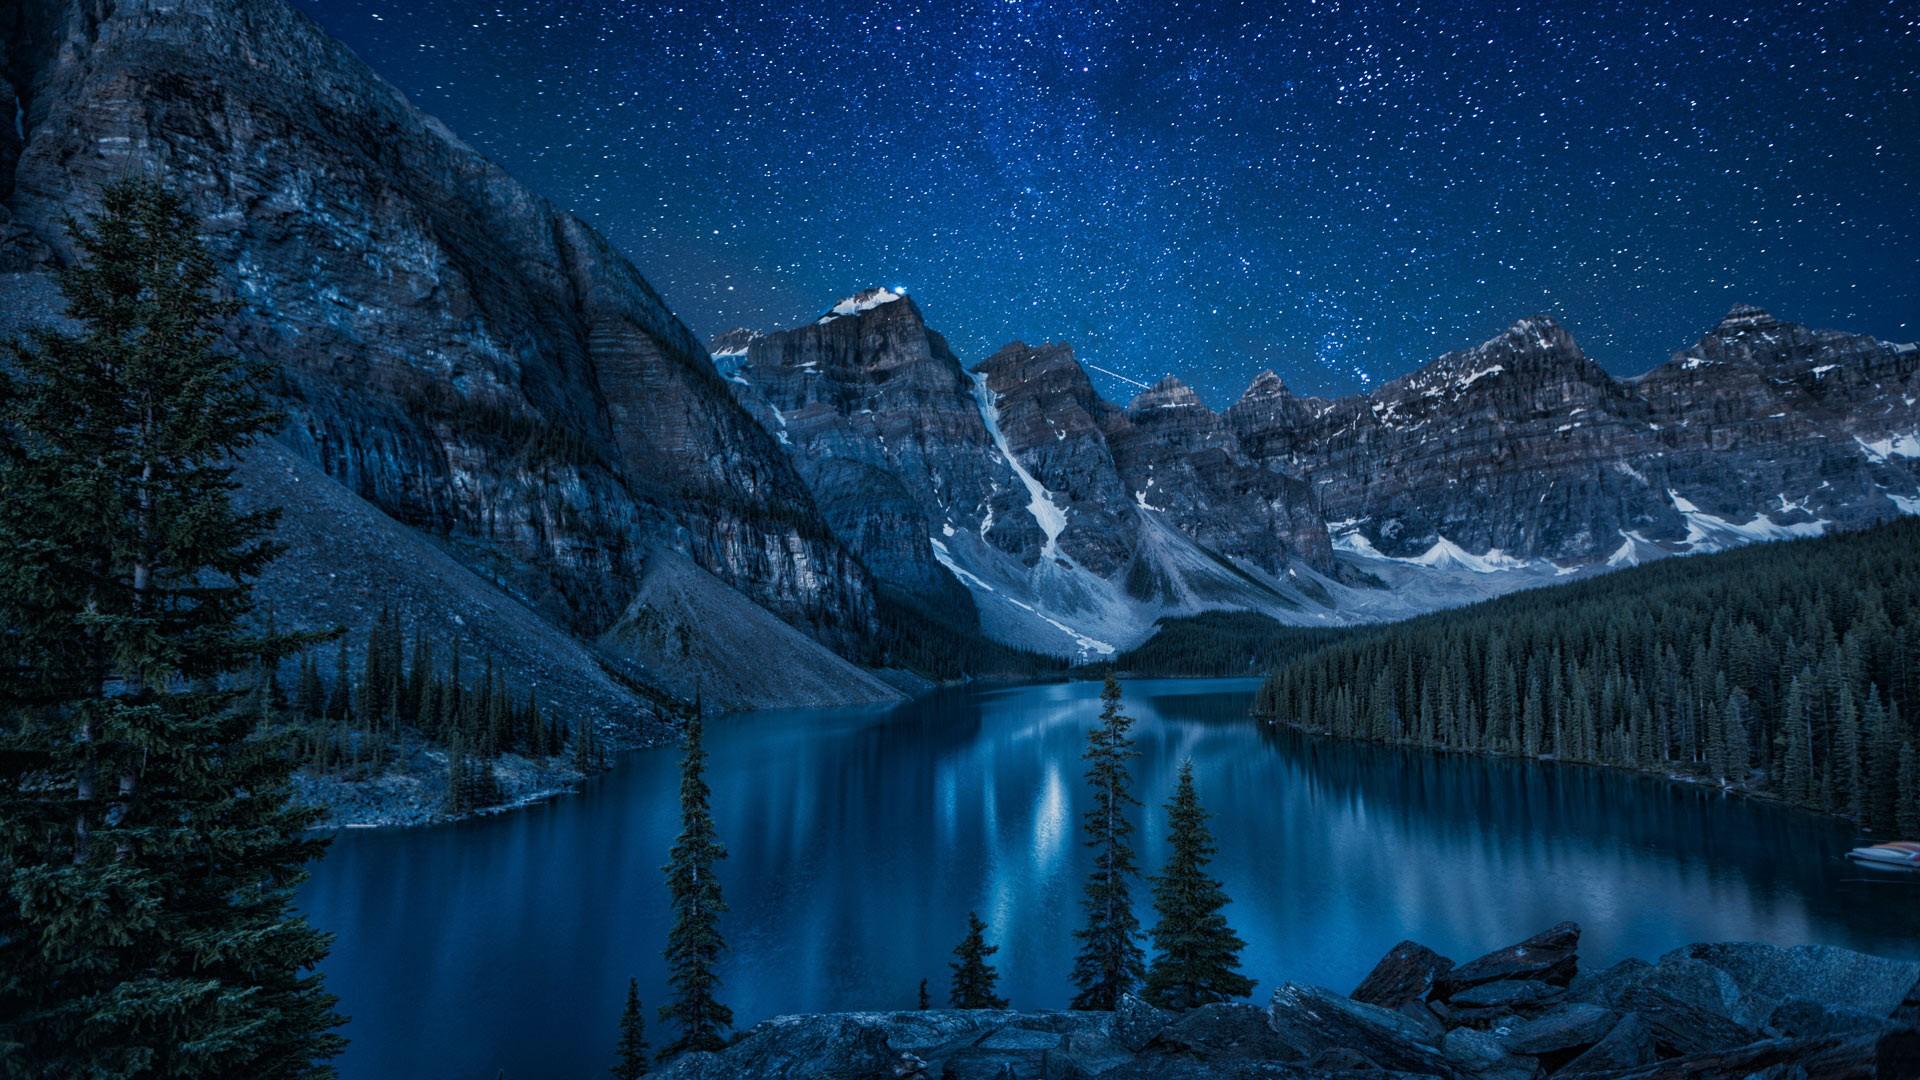 Lake at night photo